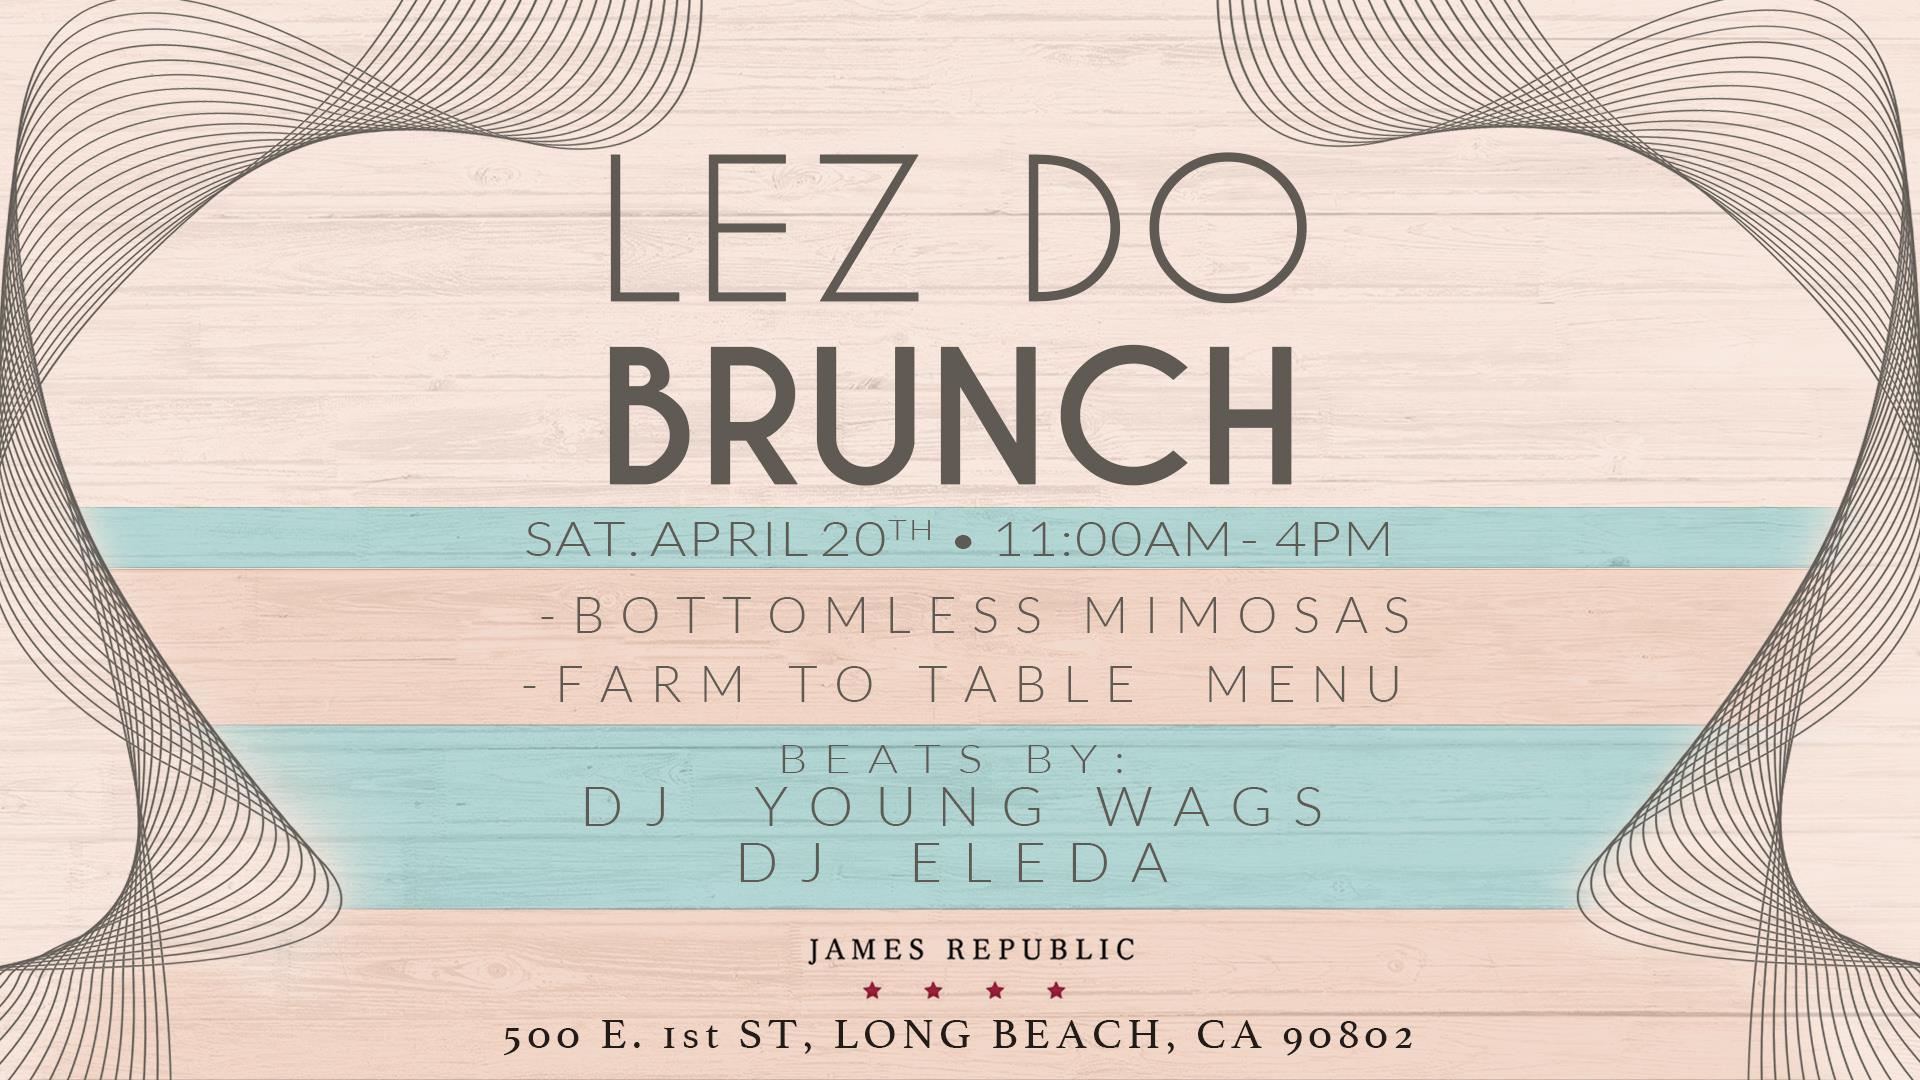 Lez Do Brunch 4/20 Long Beach Edition